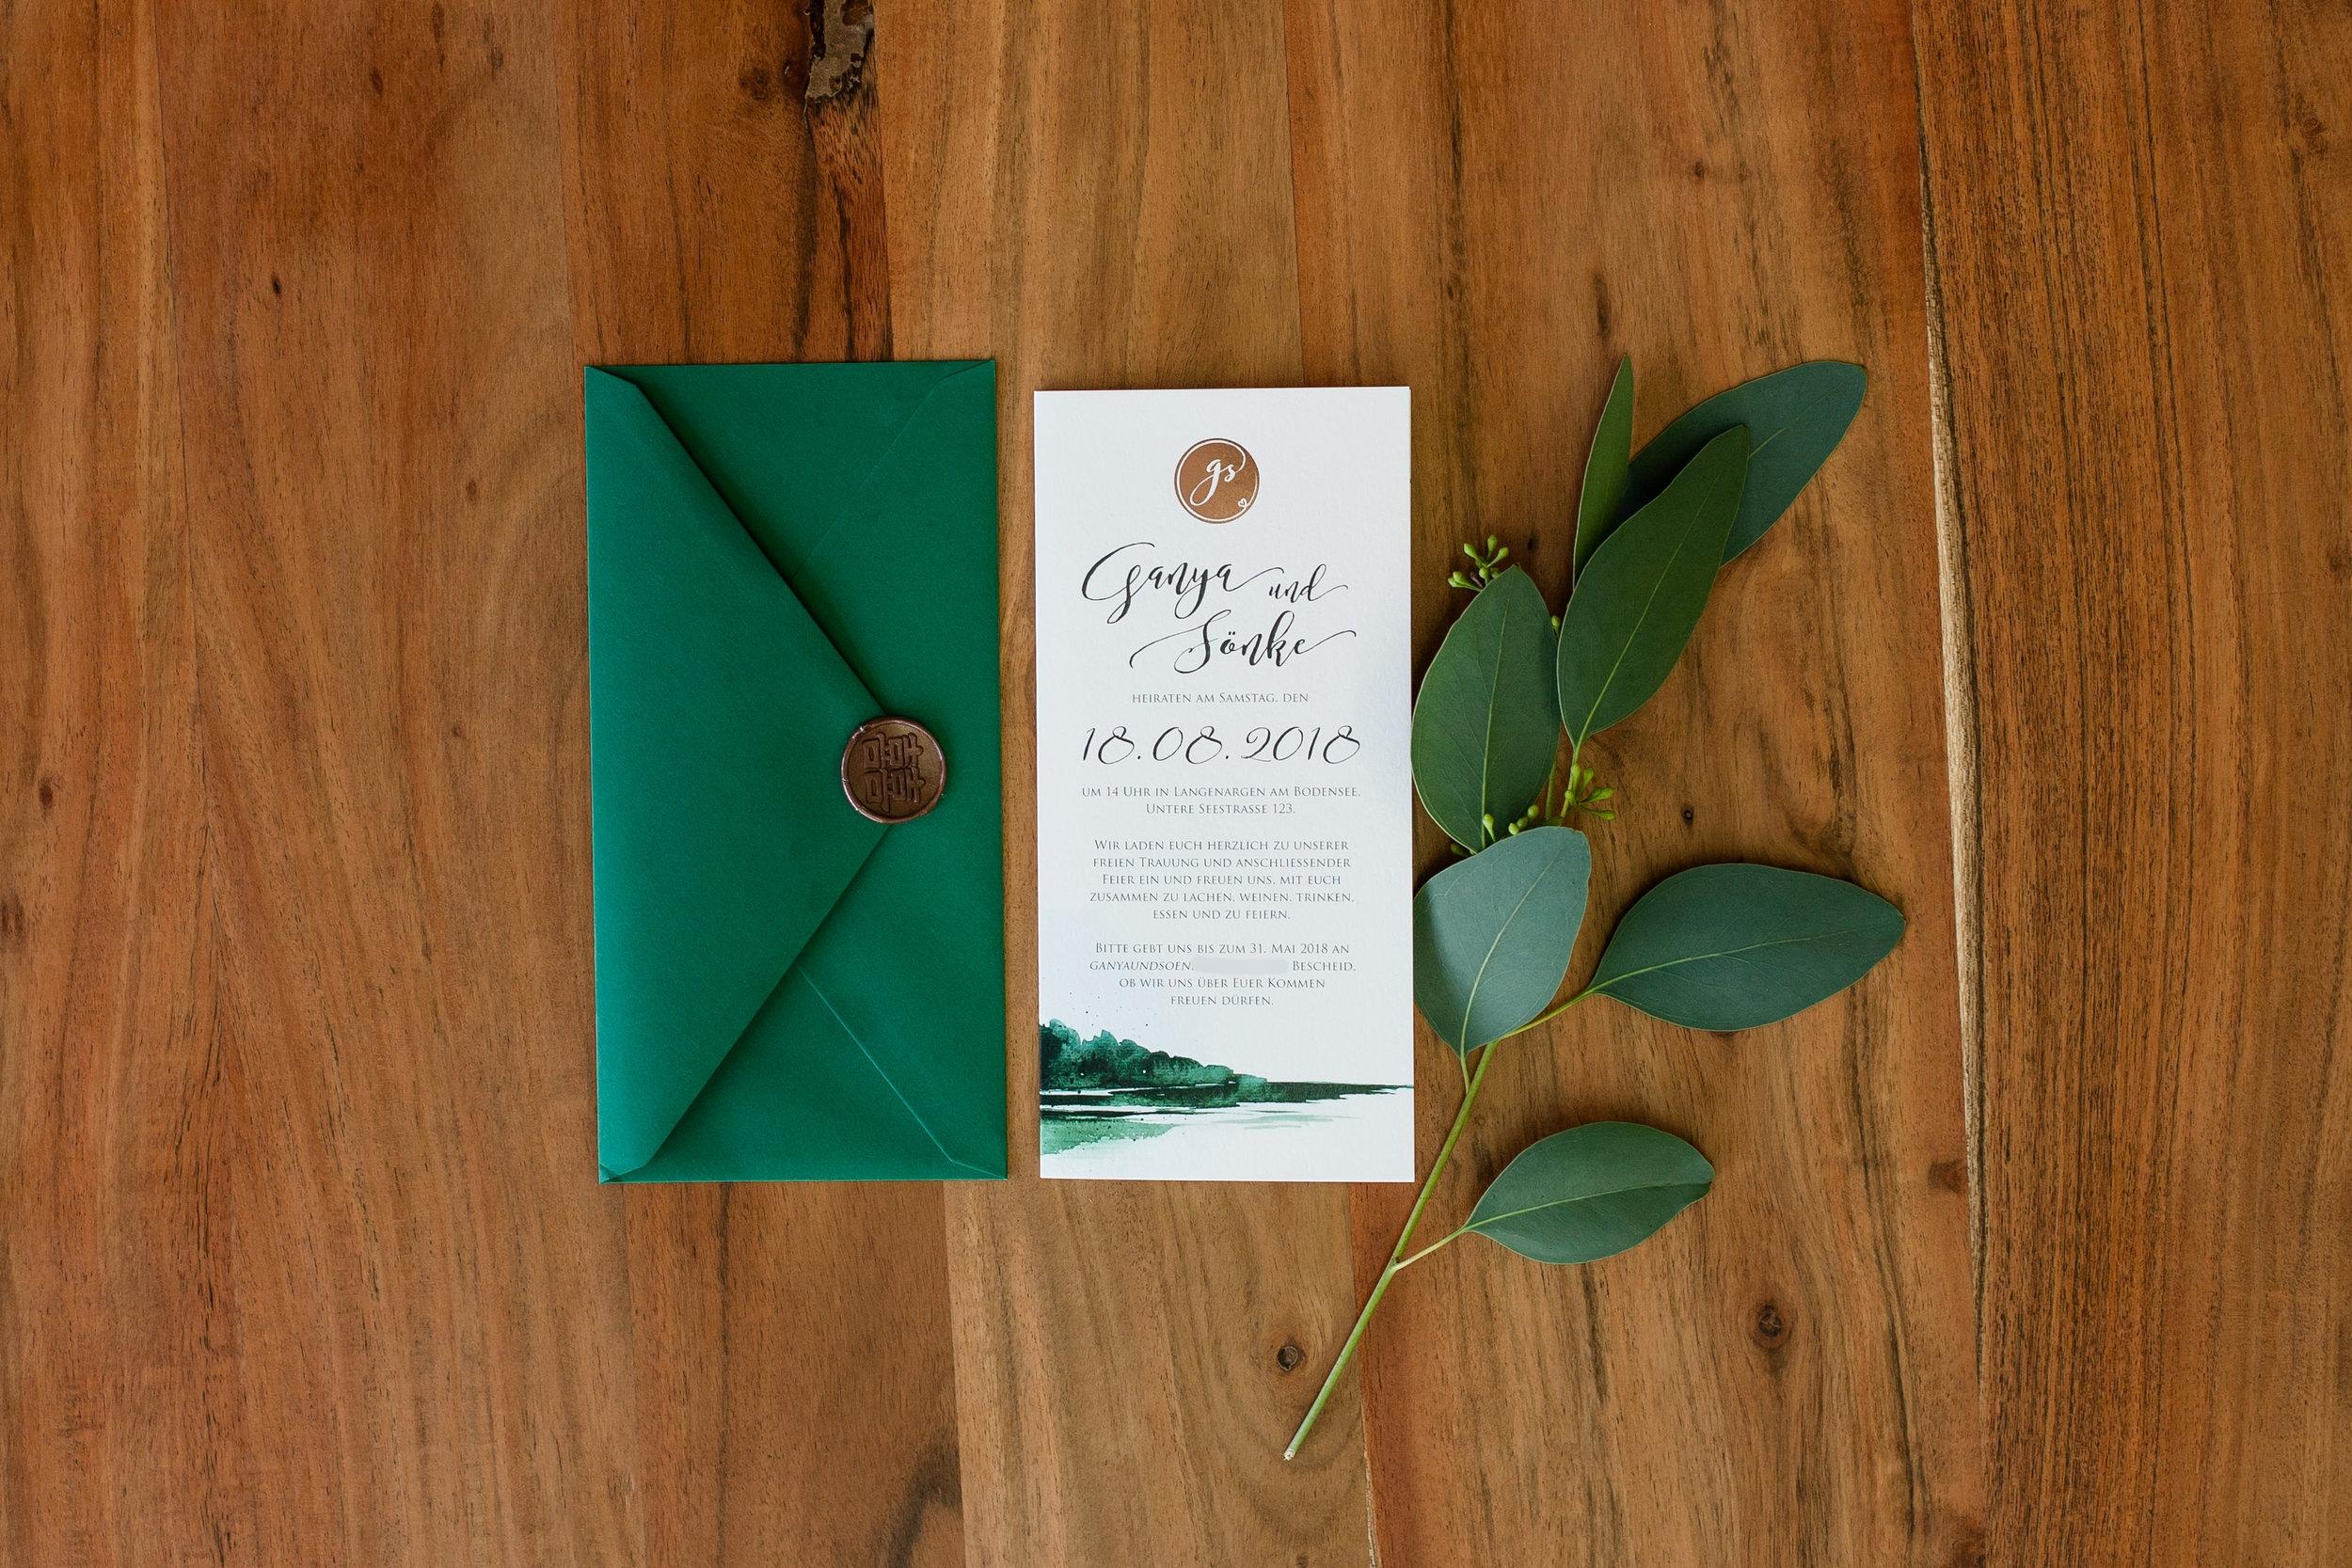 Einladung geschlossen mit grünem Briefumschlag